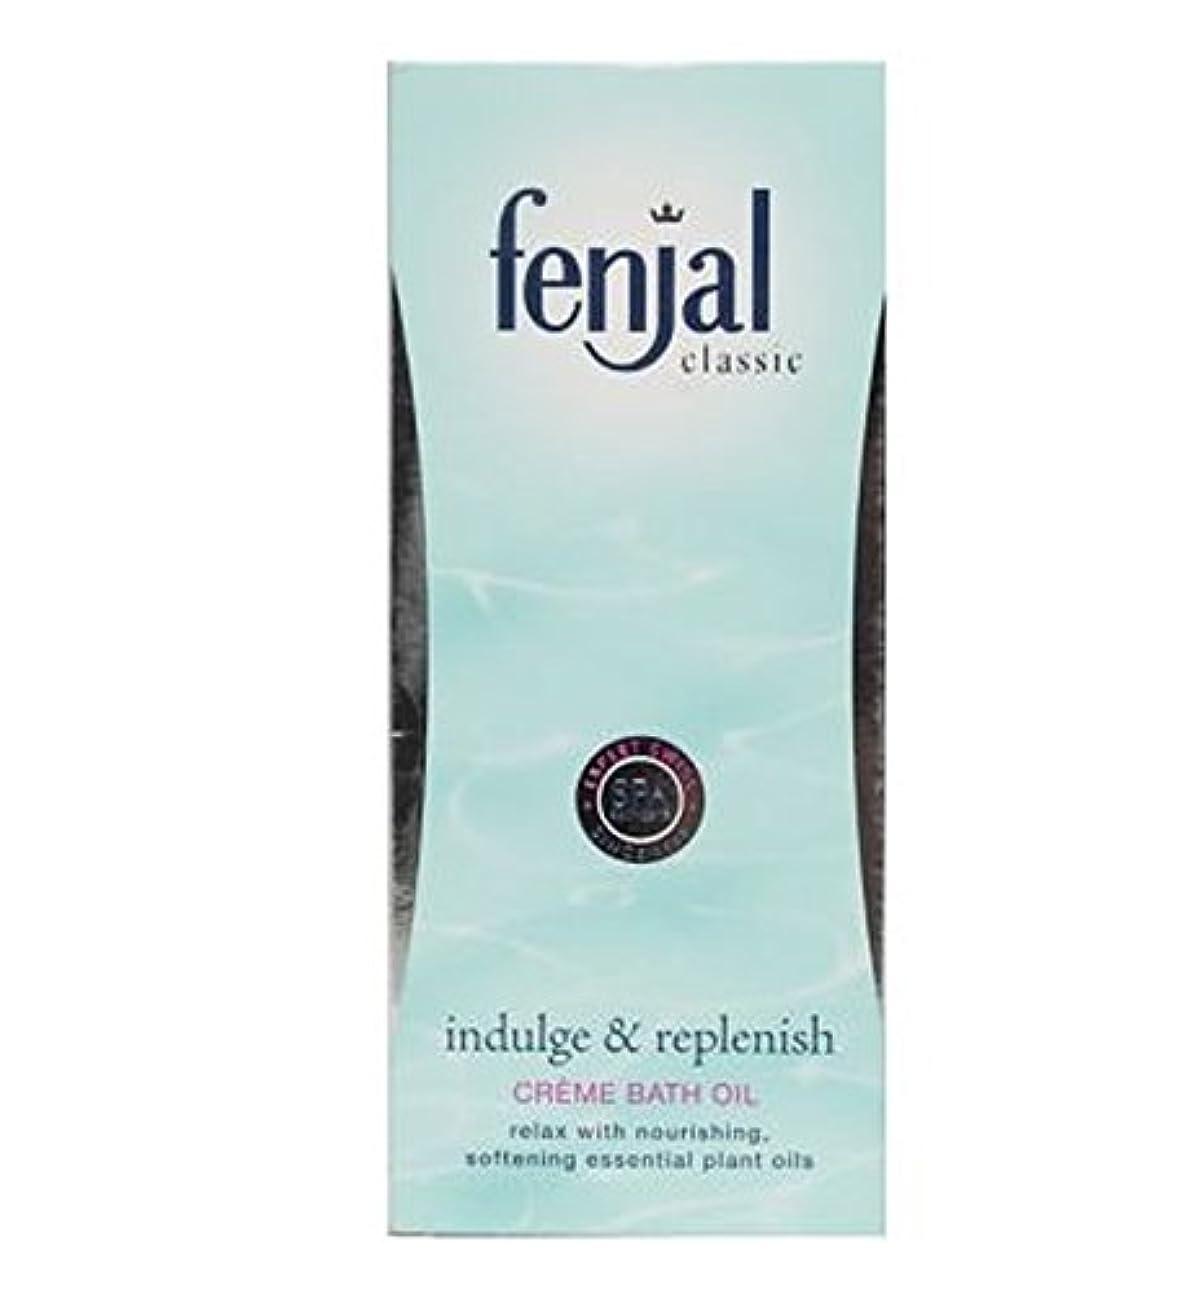 余韻クアッガ資金Fenjal Classic Luxury Creme Bath Oil 125 ml - Fenjal古典的な高級クリームバスオイル125ミリリットル (Fenjal) [並行輸入品]